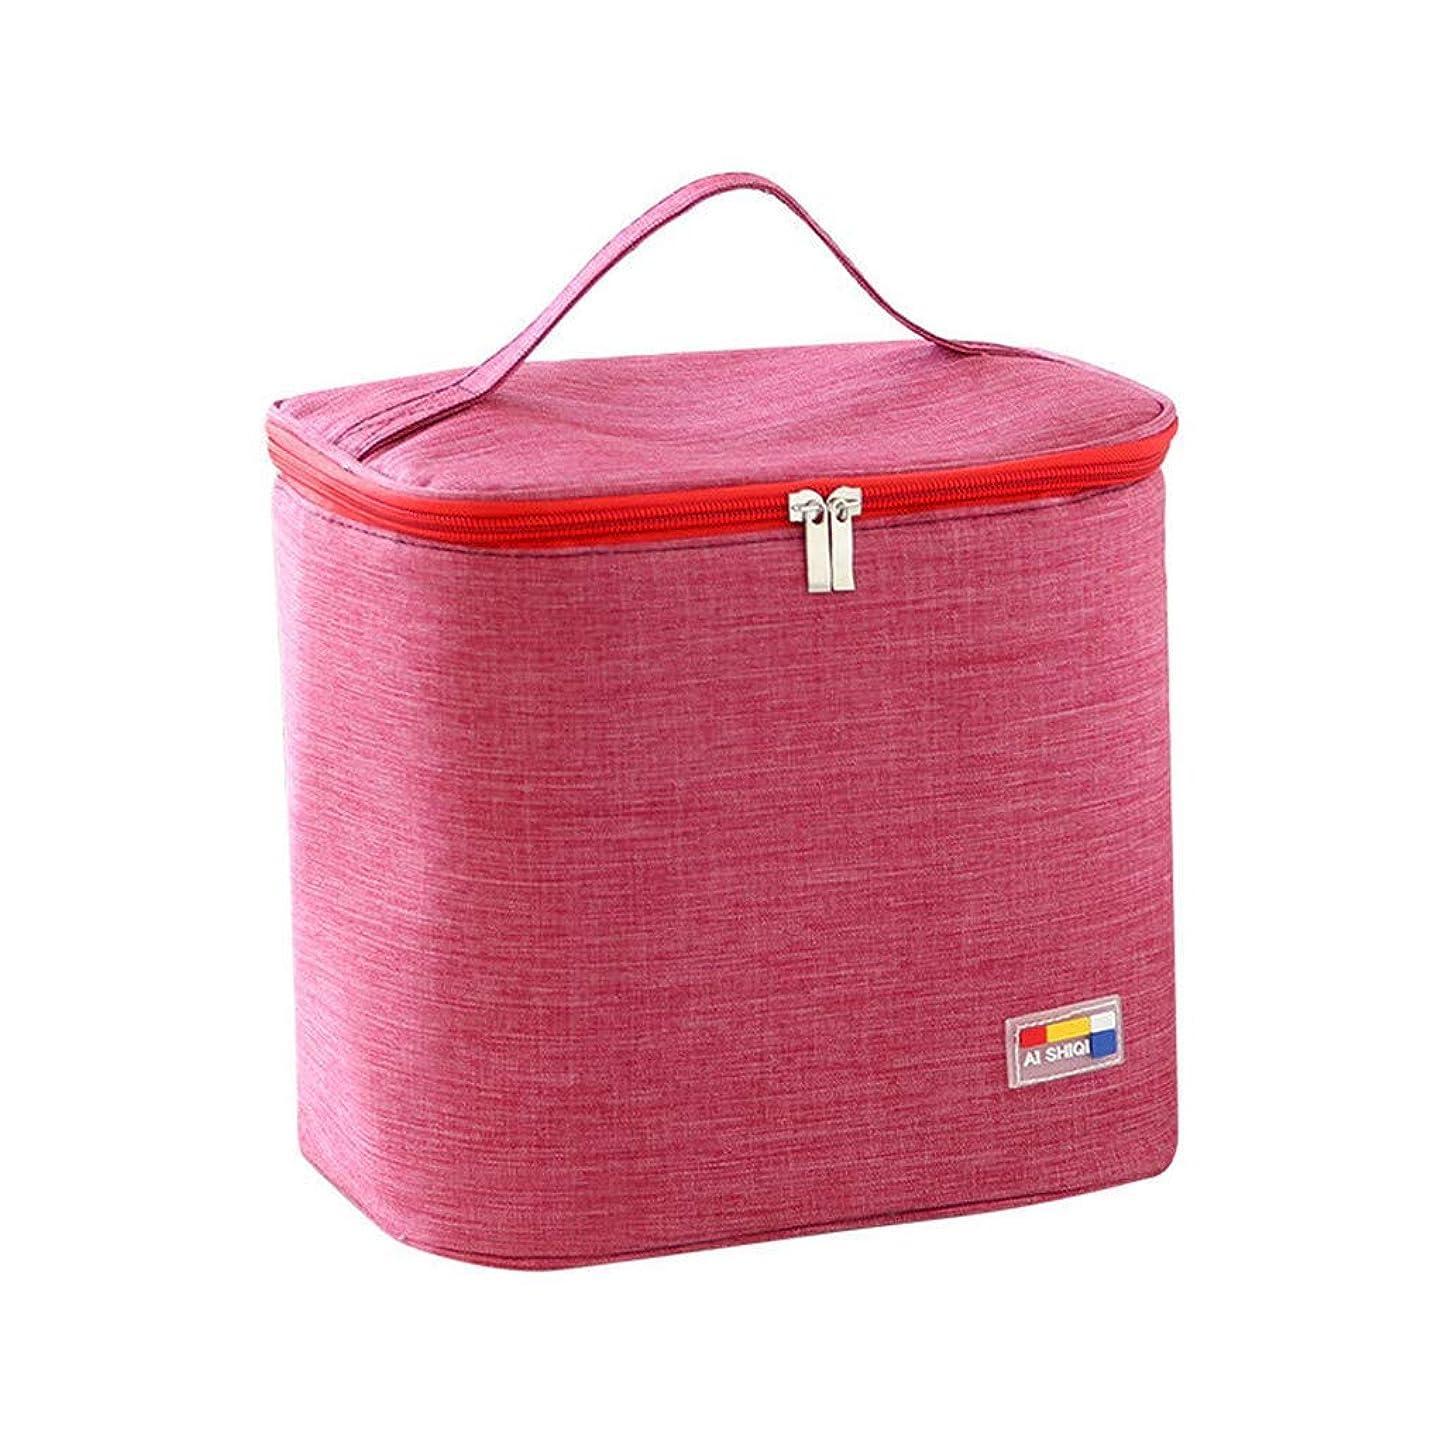 要塞入力マウンド専用ランチバッグトートバッグ断熱性を向上キャンプに適していますシンプルなバッグイージーファッション絶縁バッグ冷蔵バッグポケットを描く冷却ハンドバッグ防水ハンドバッグ (A)